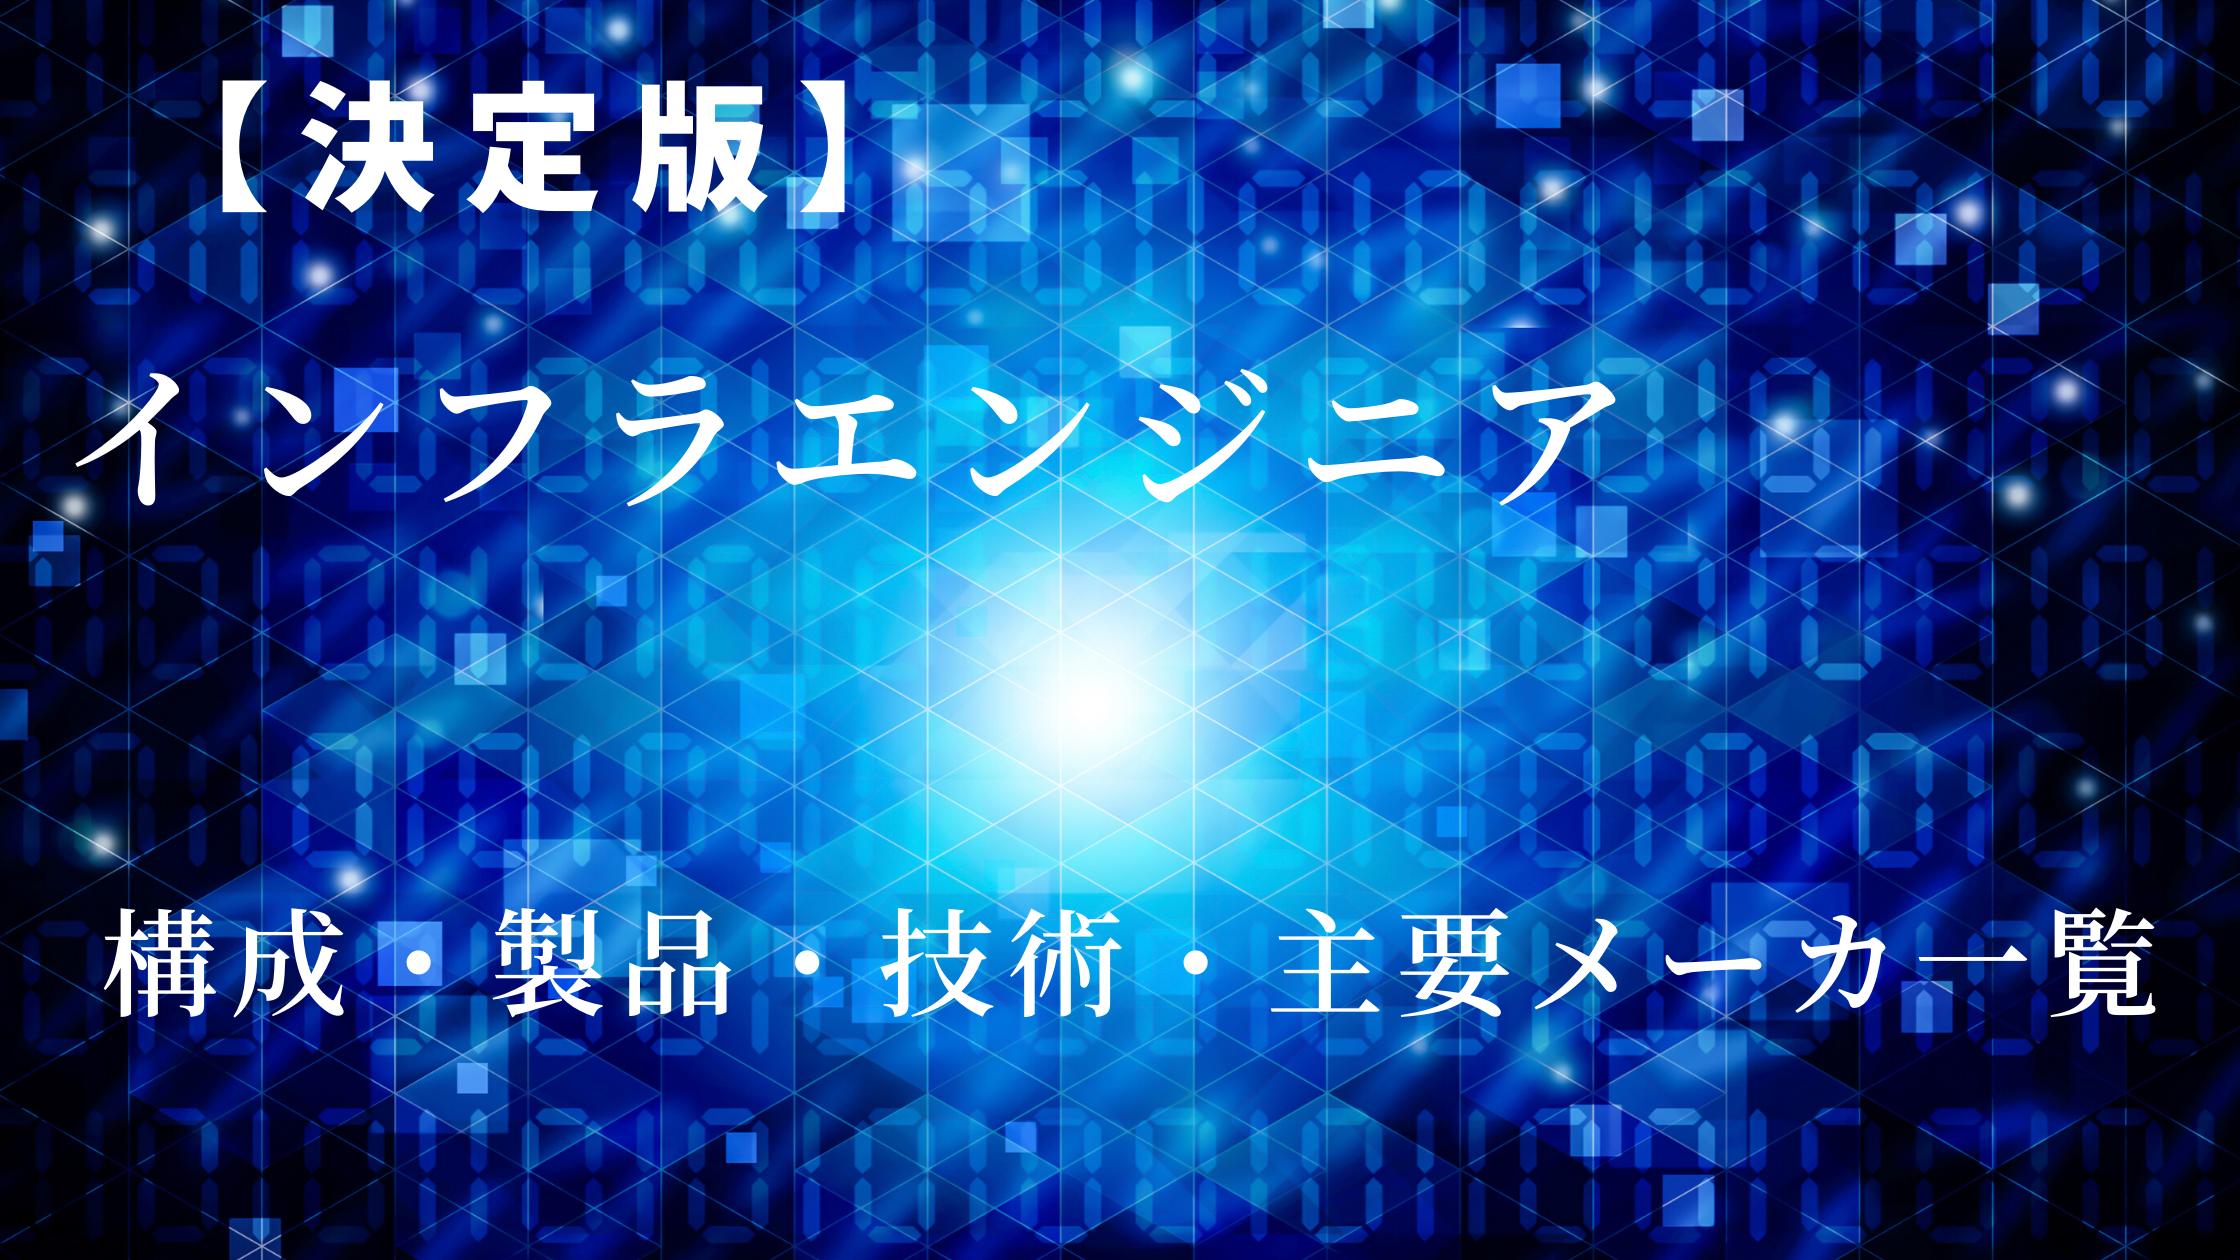 【決定版】インフラエンジニアの扱う製品・構成・スキル・メーカ【全てまとめました】